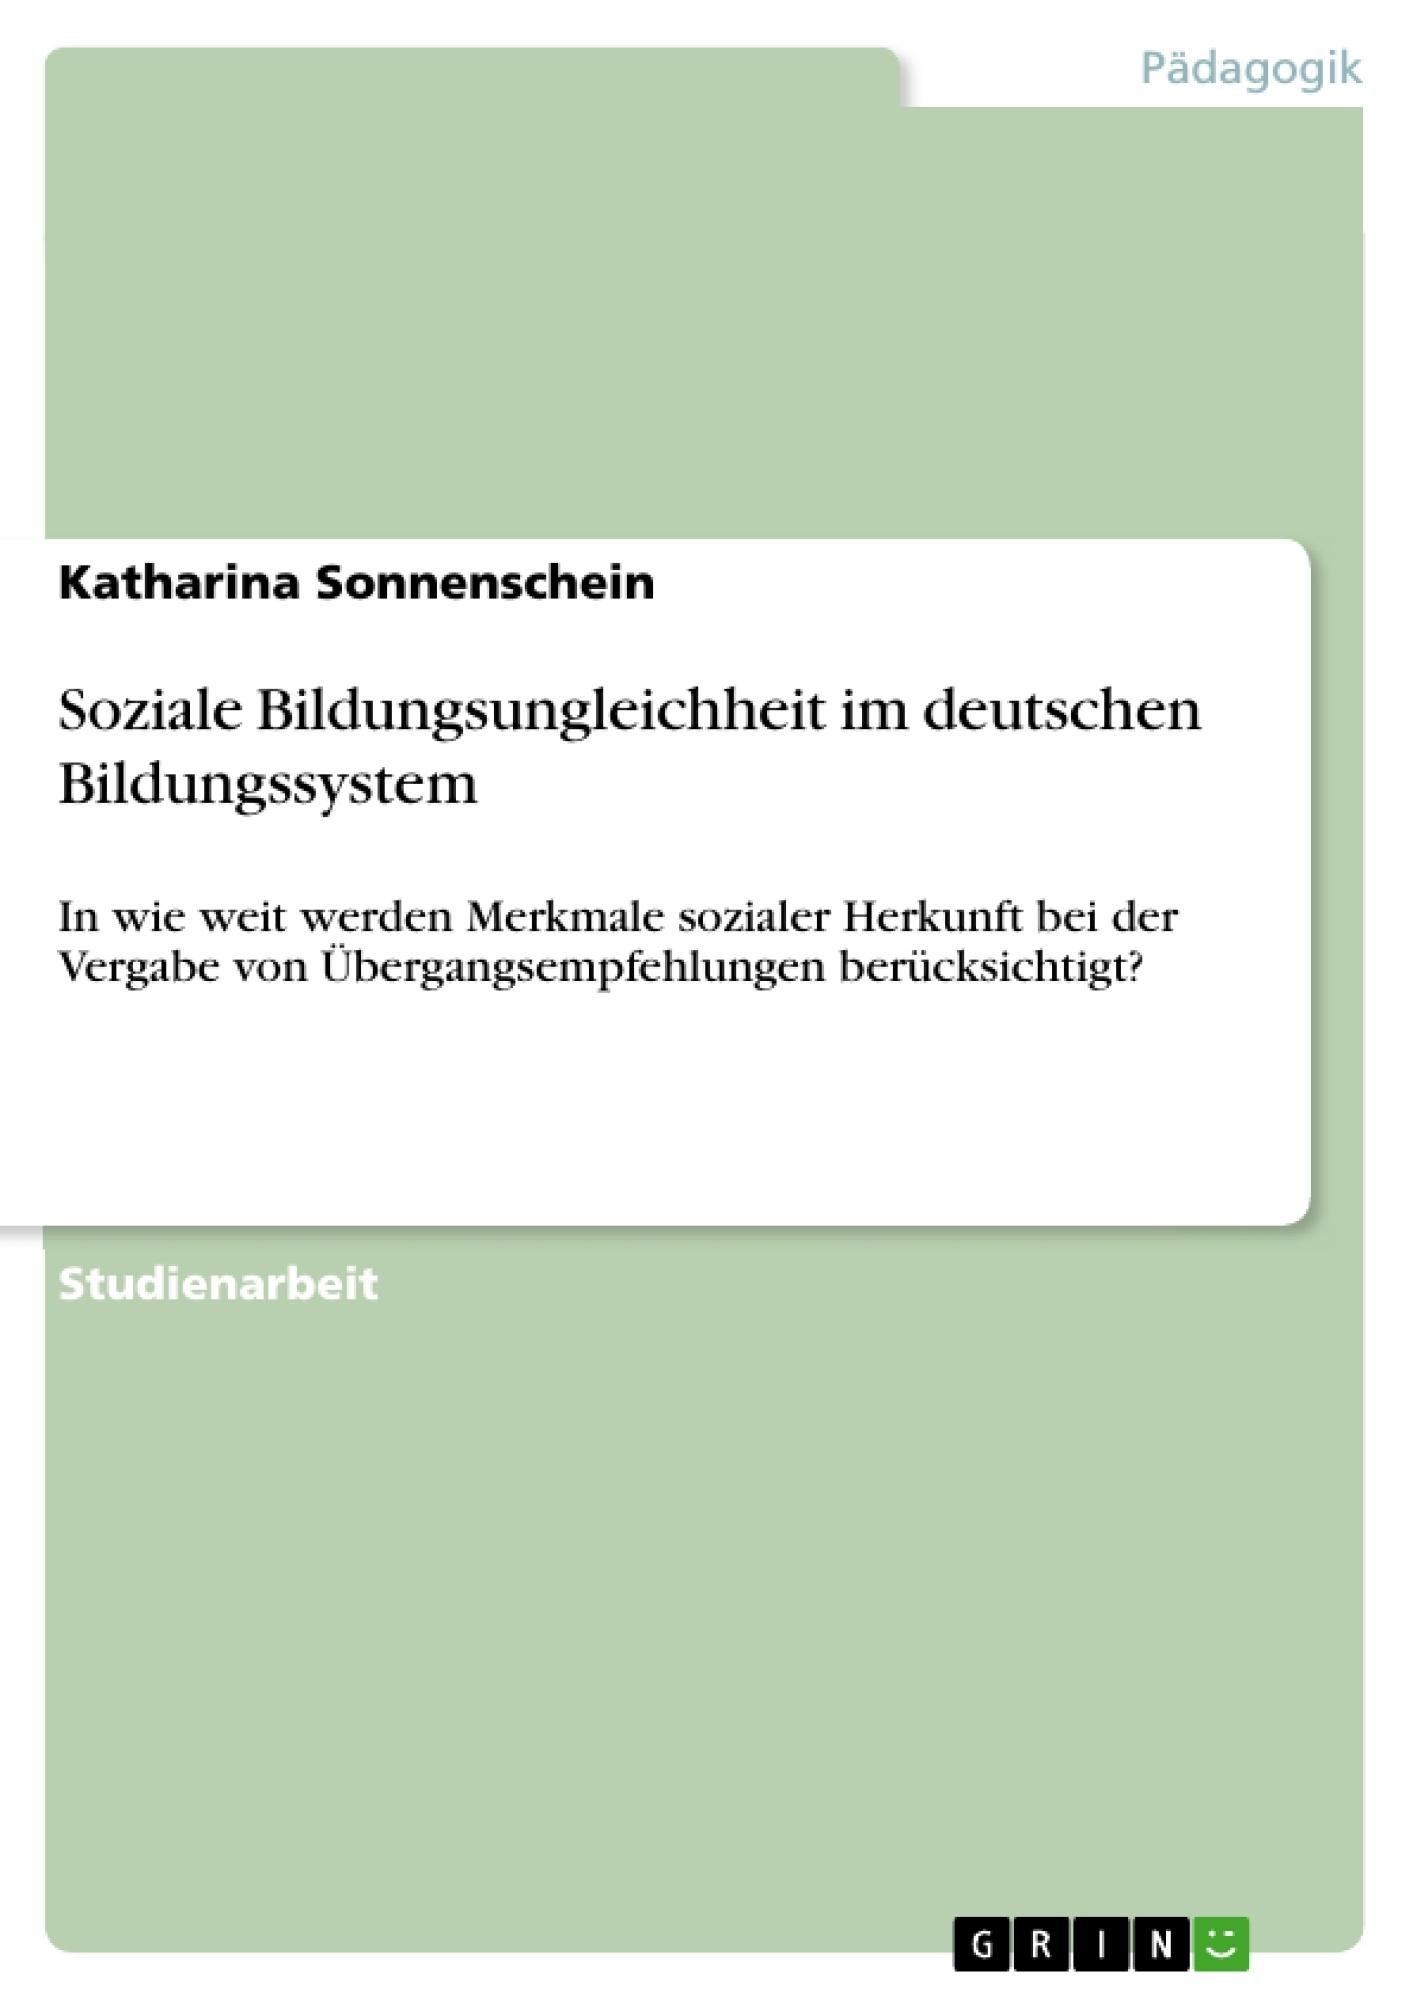 Titel: Soziale Bildungsungleichheit im deutschen Bildungssystem